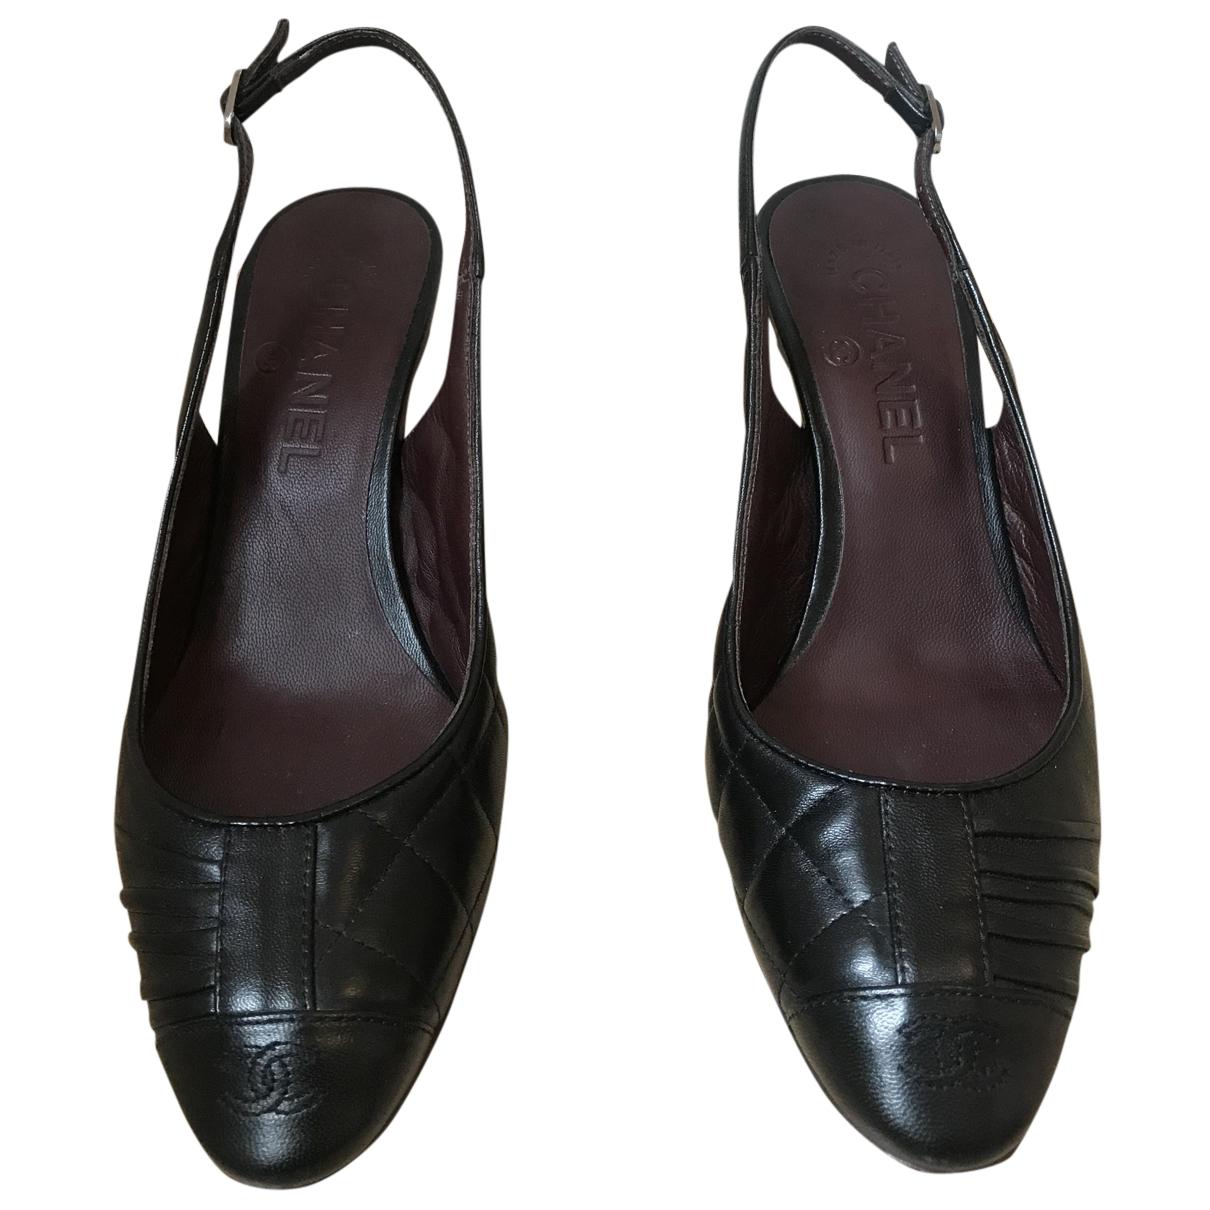 Chanel N Black Leather Heels for Women 36 EU